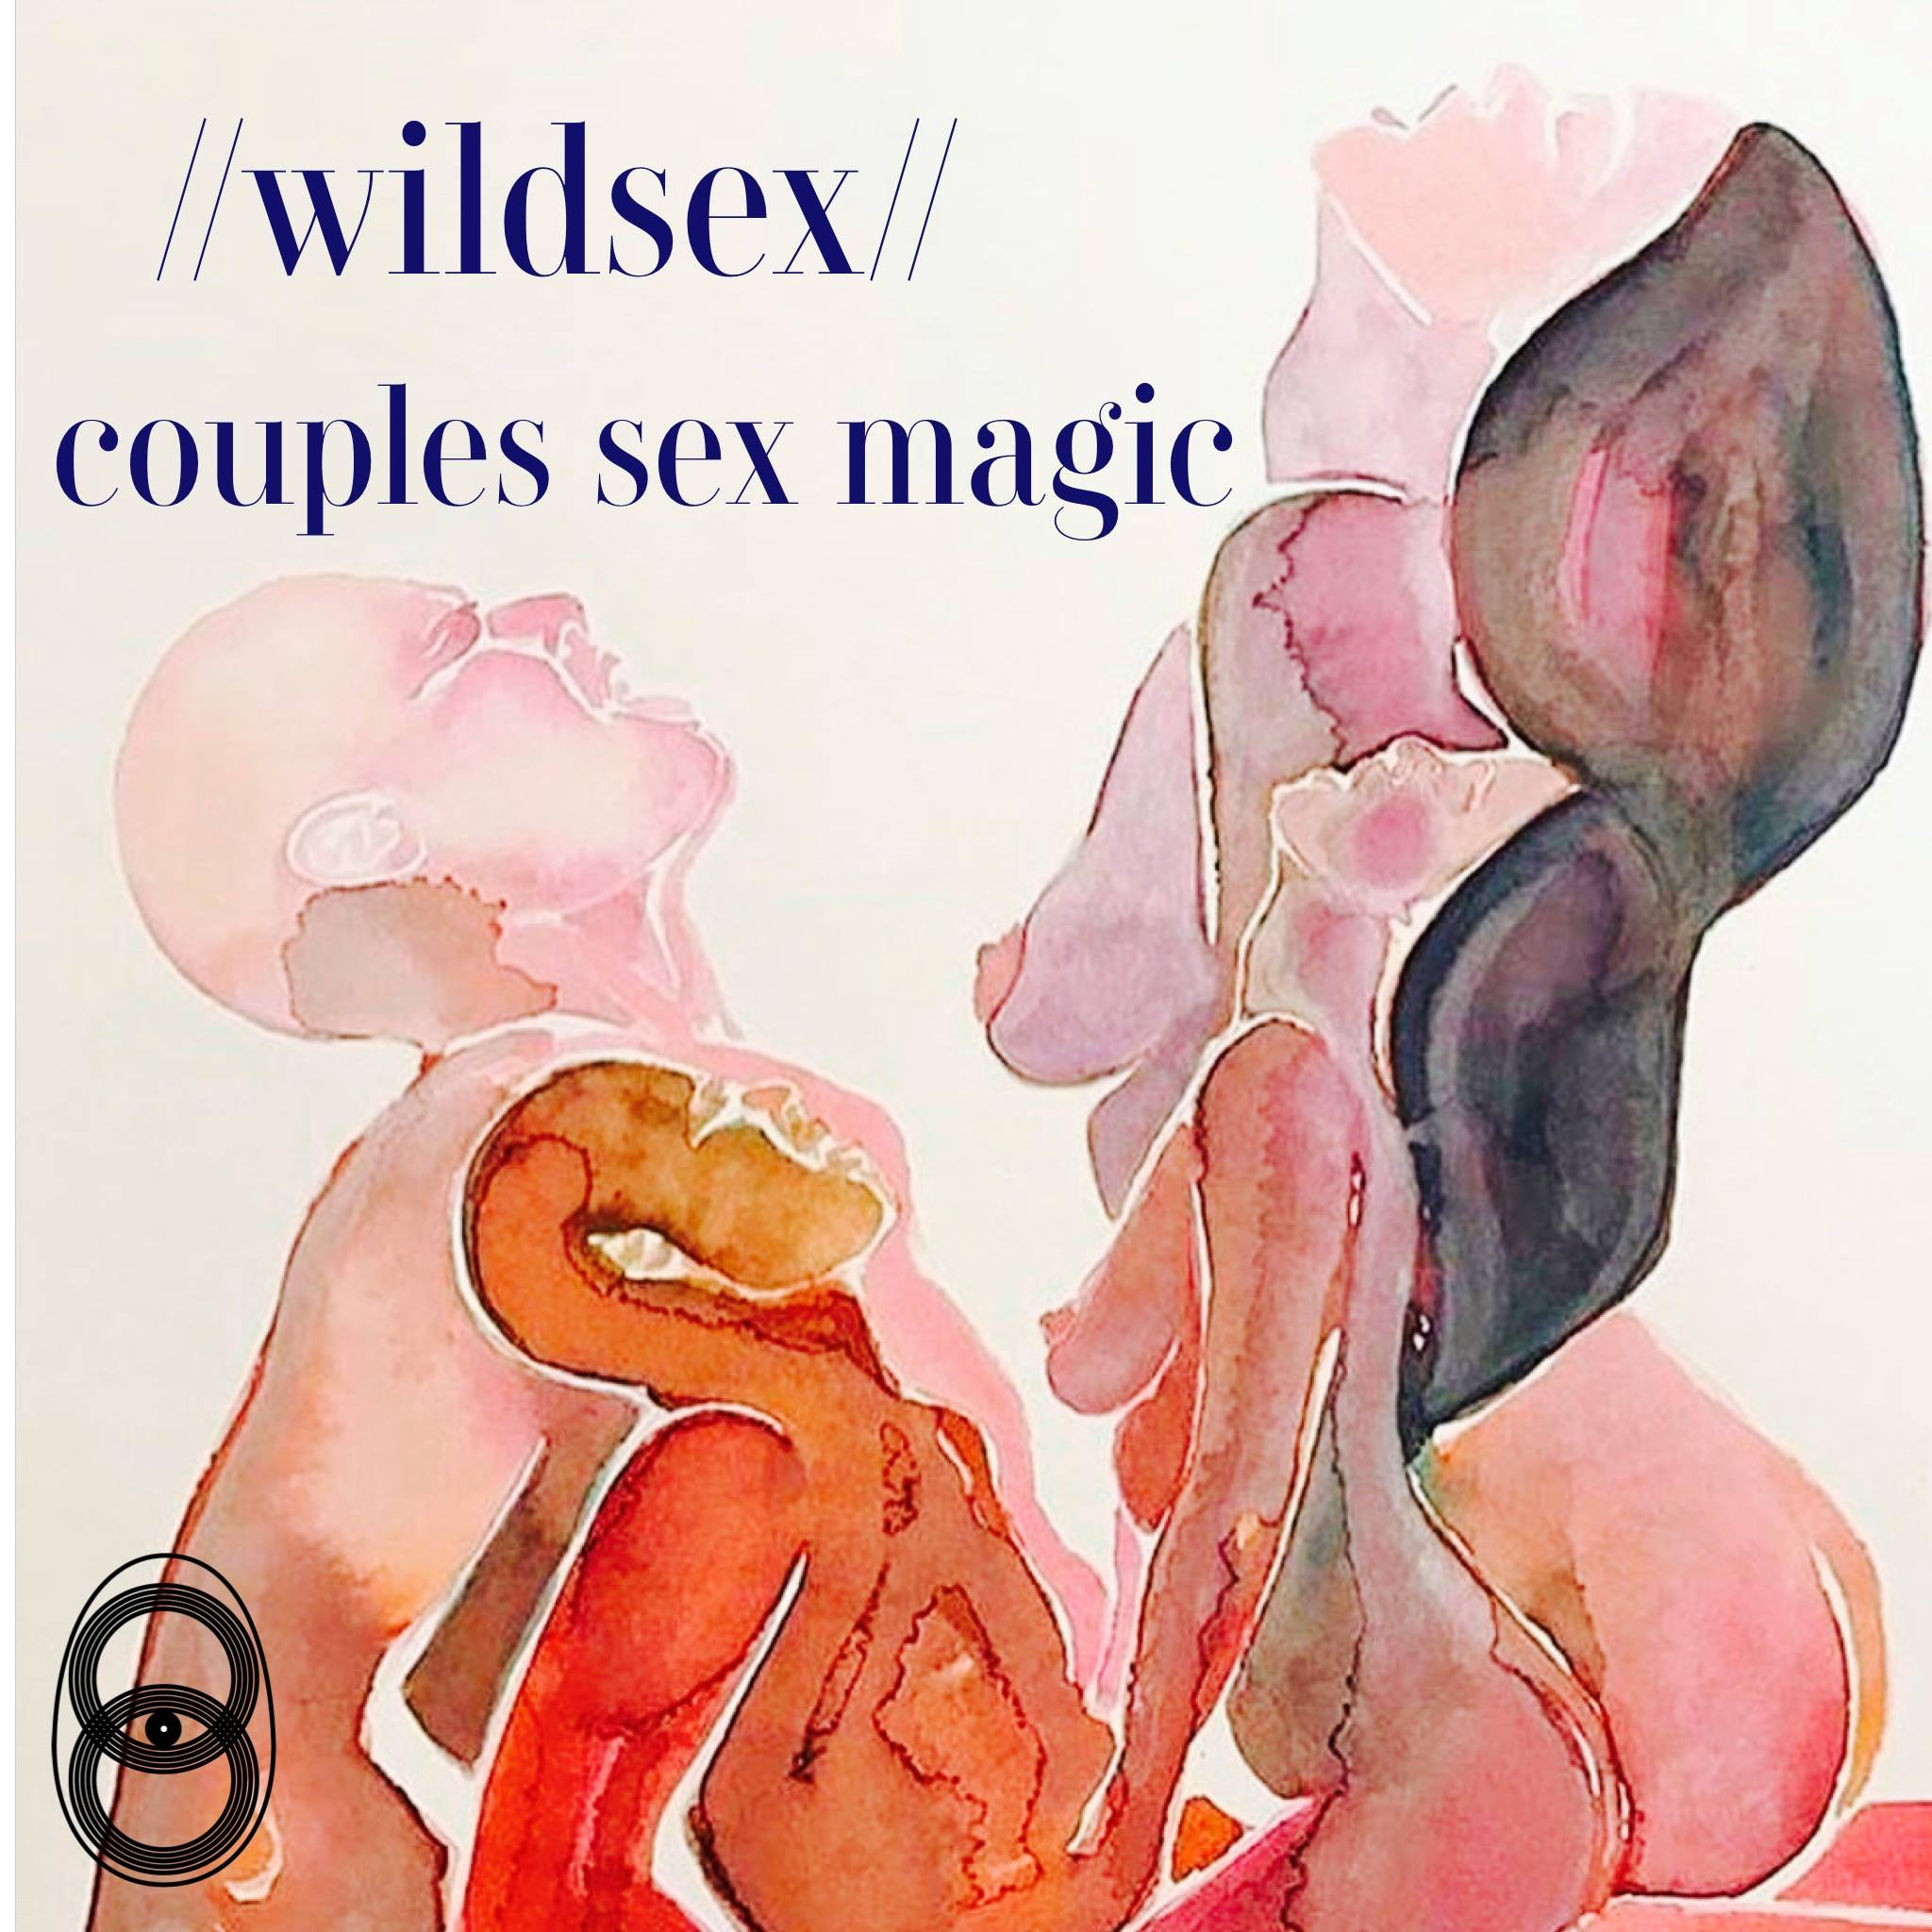 wildsex